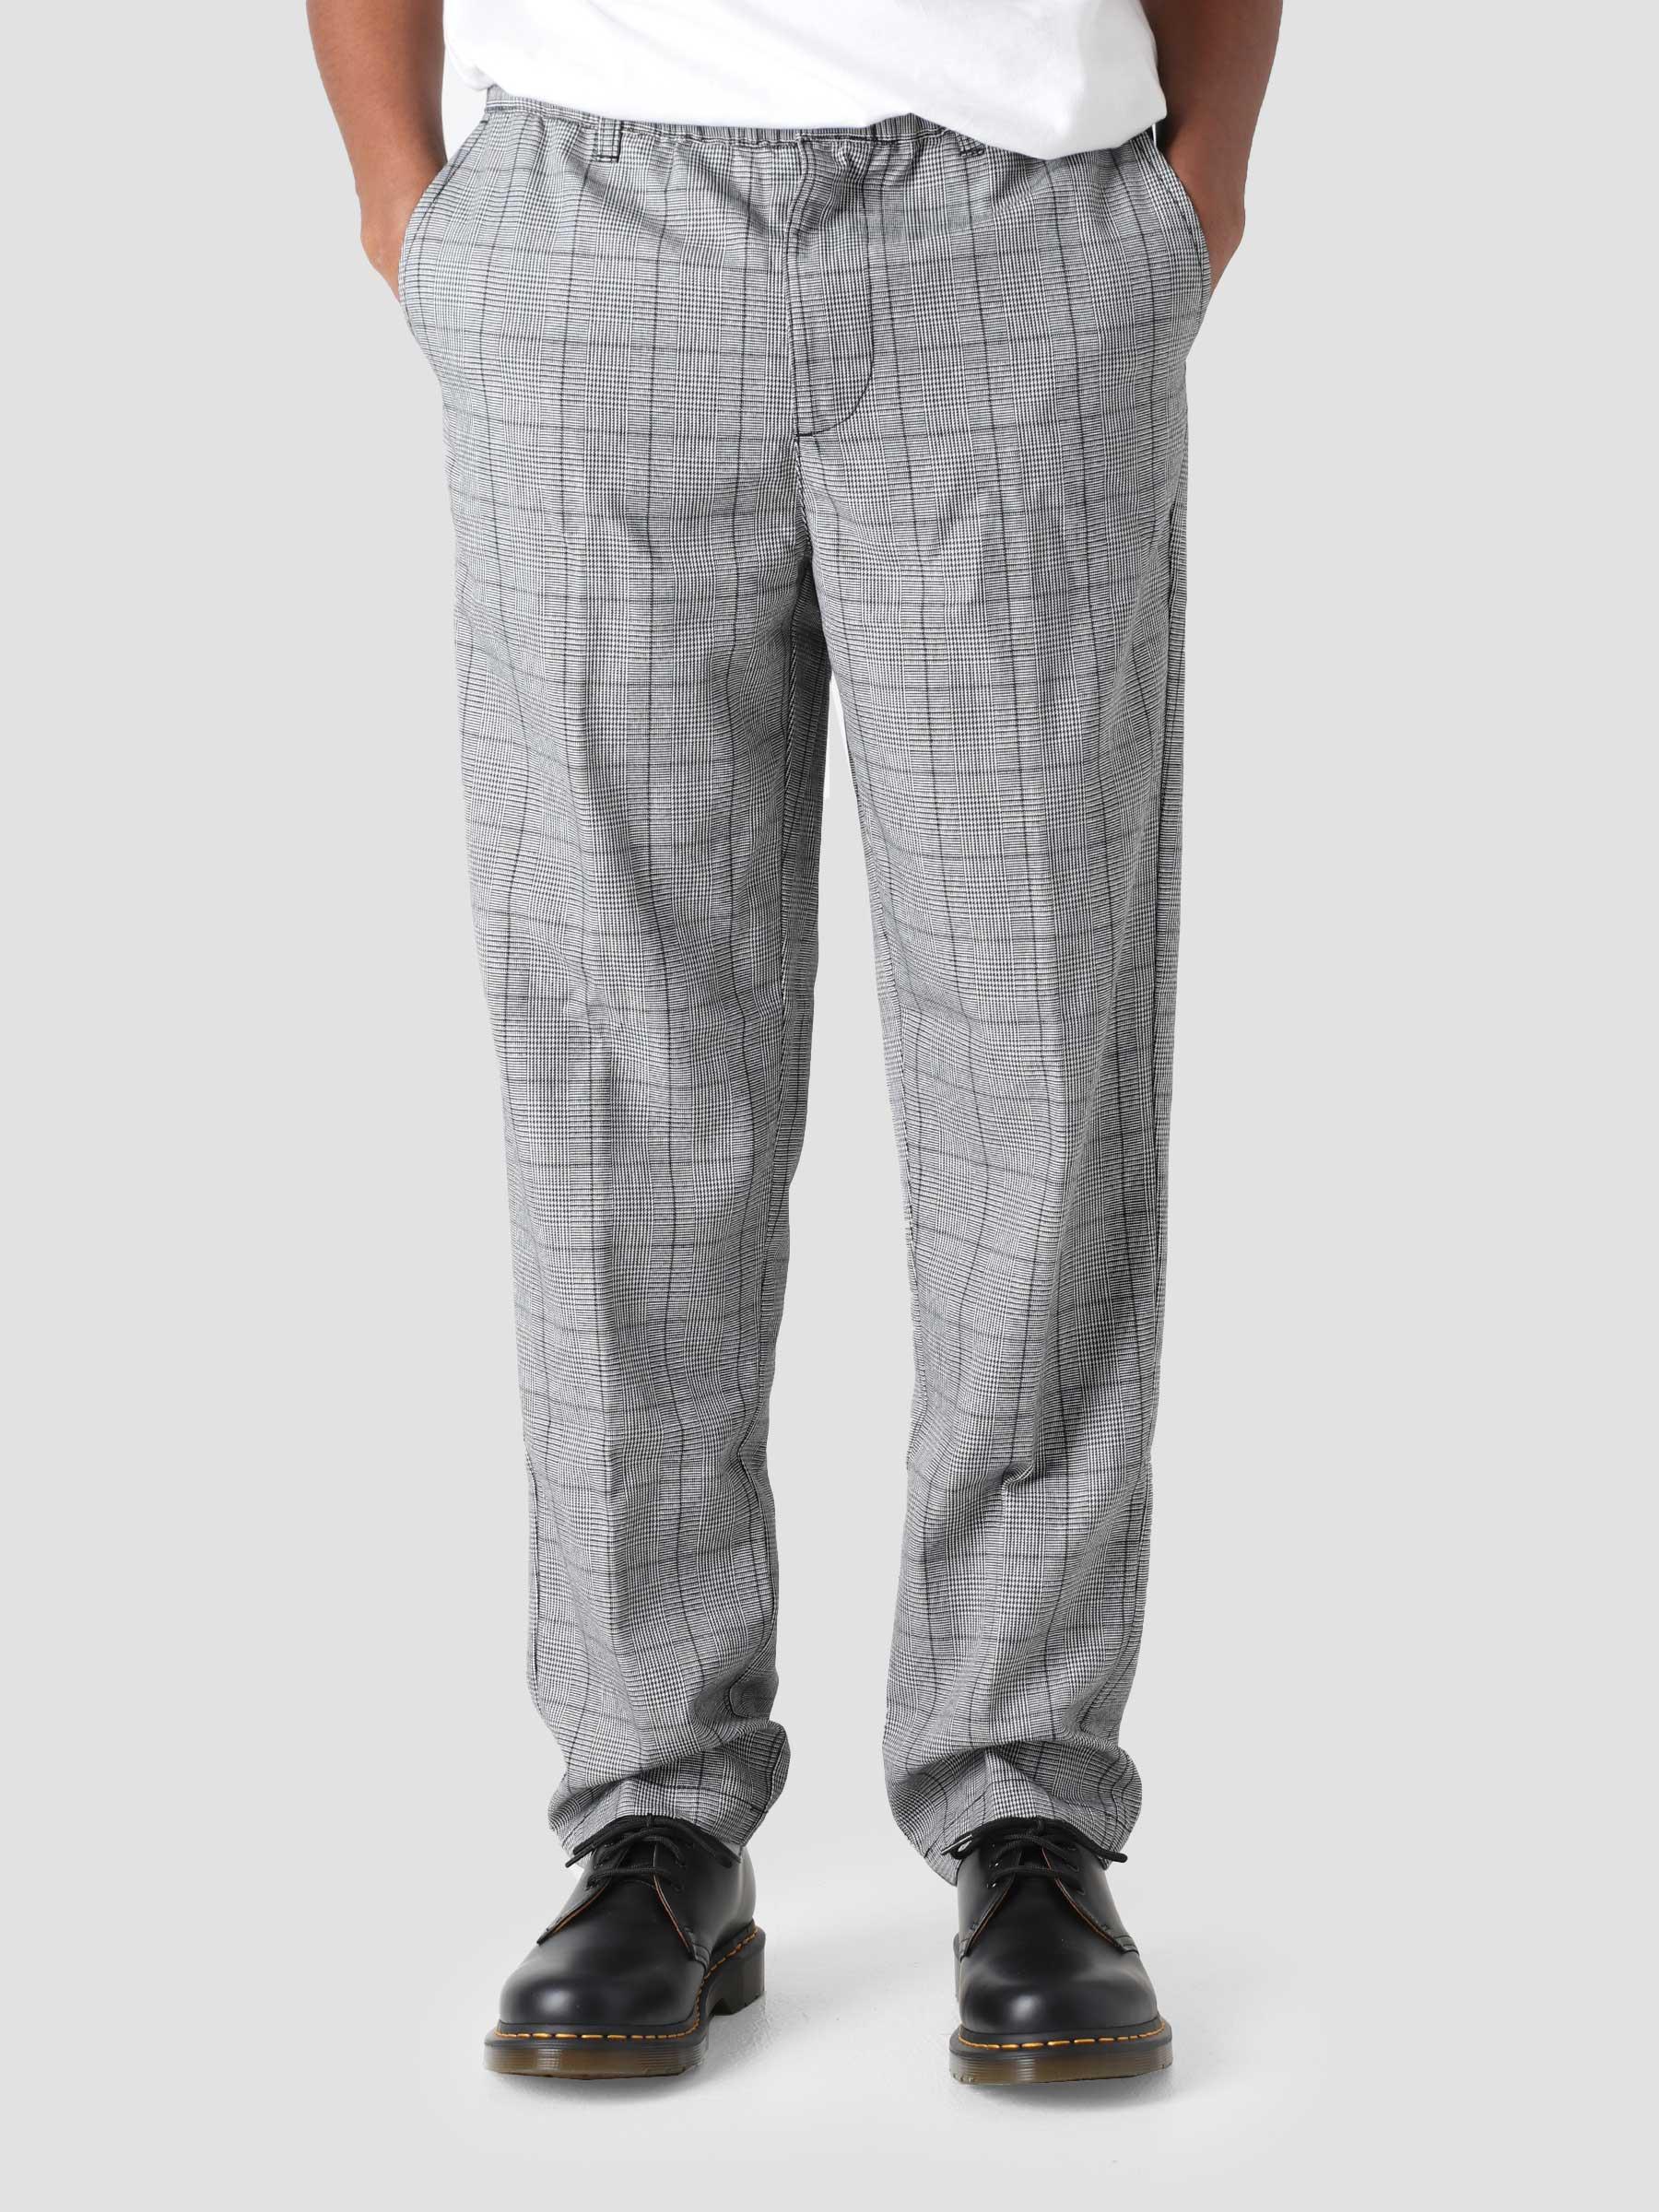 Newton Dress Pant Black Multi 142020164BKM